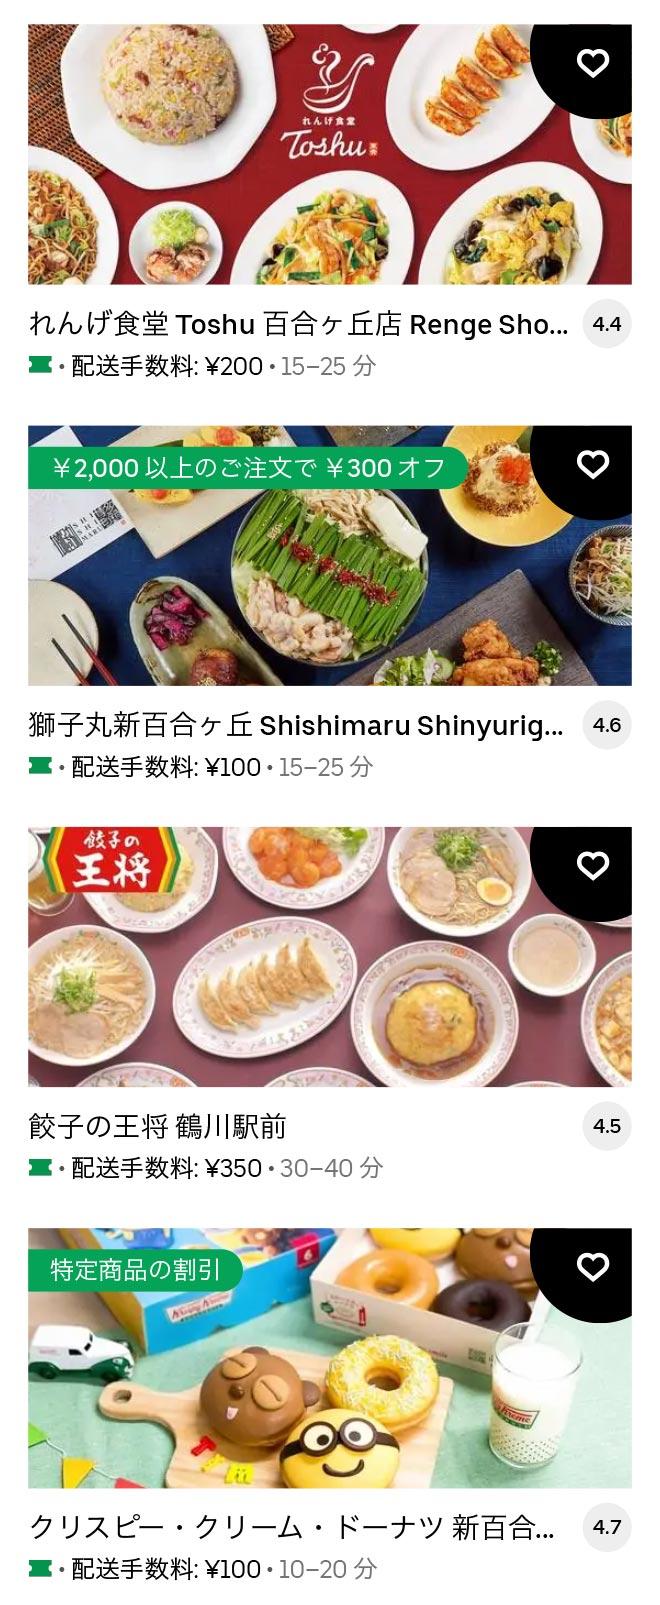 1 u shin yurigaoka 2105 06